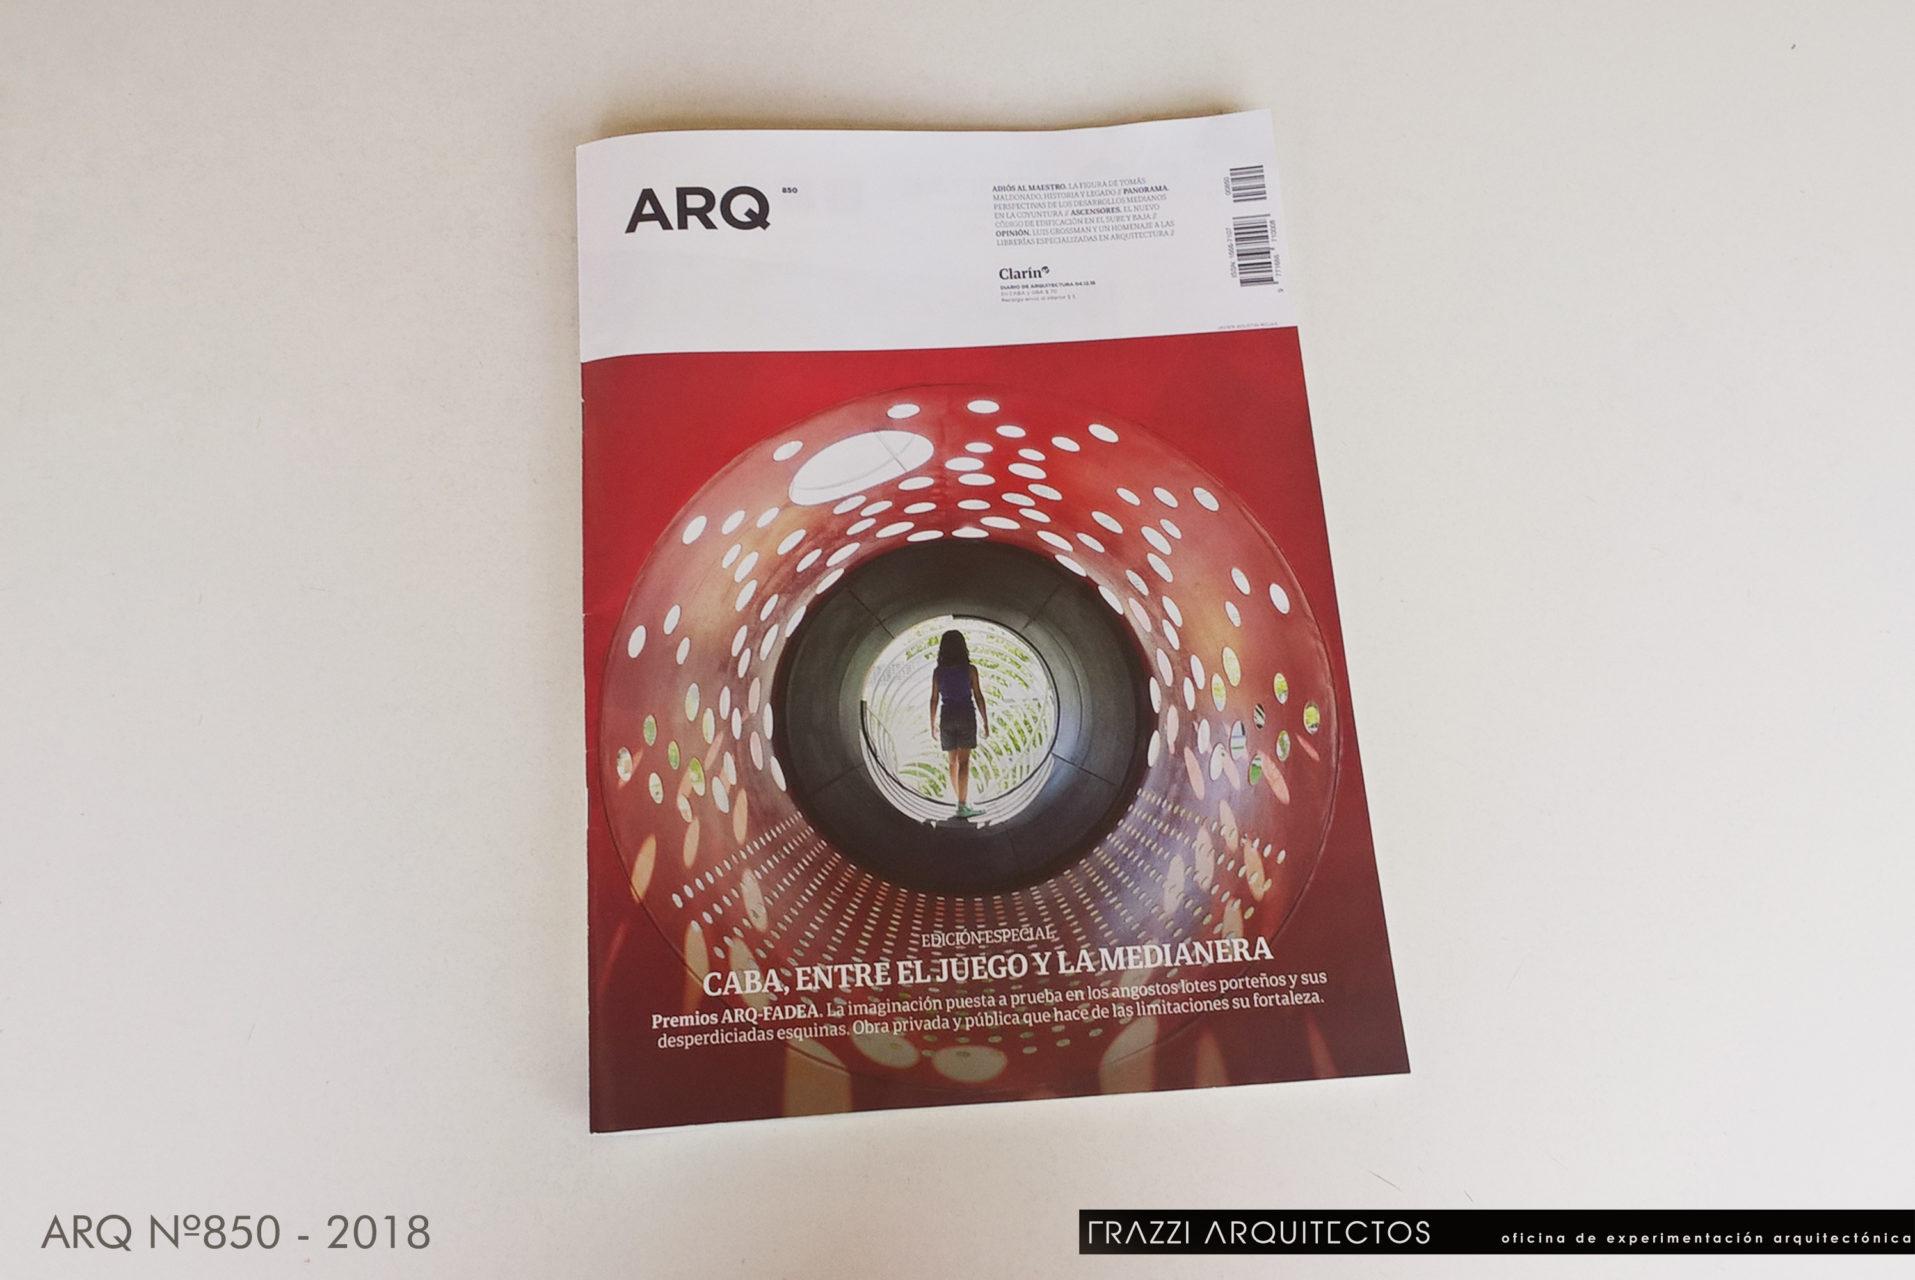 01 - ARQ 850